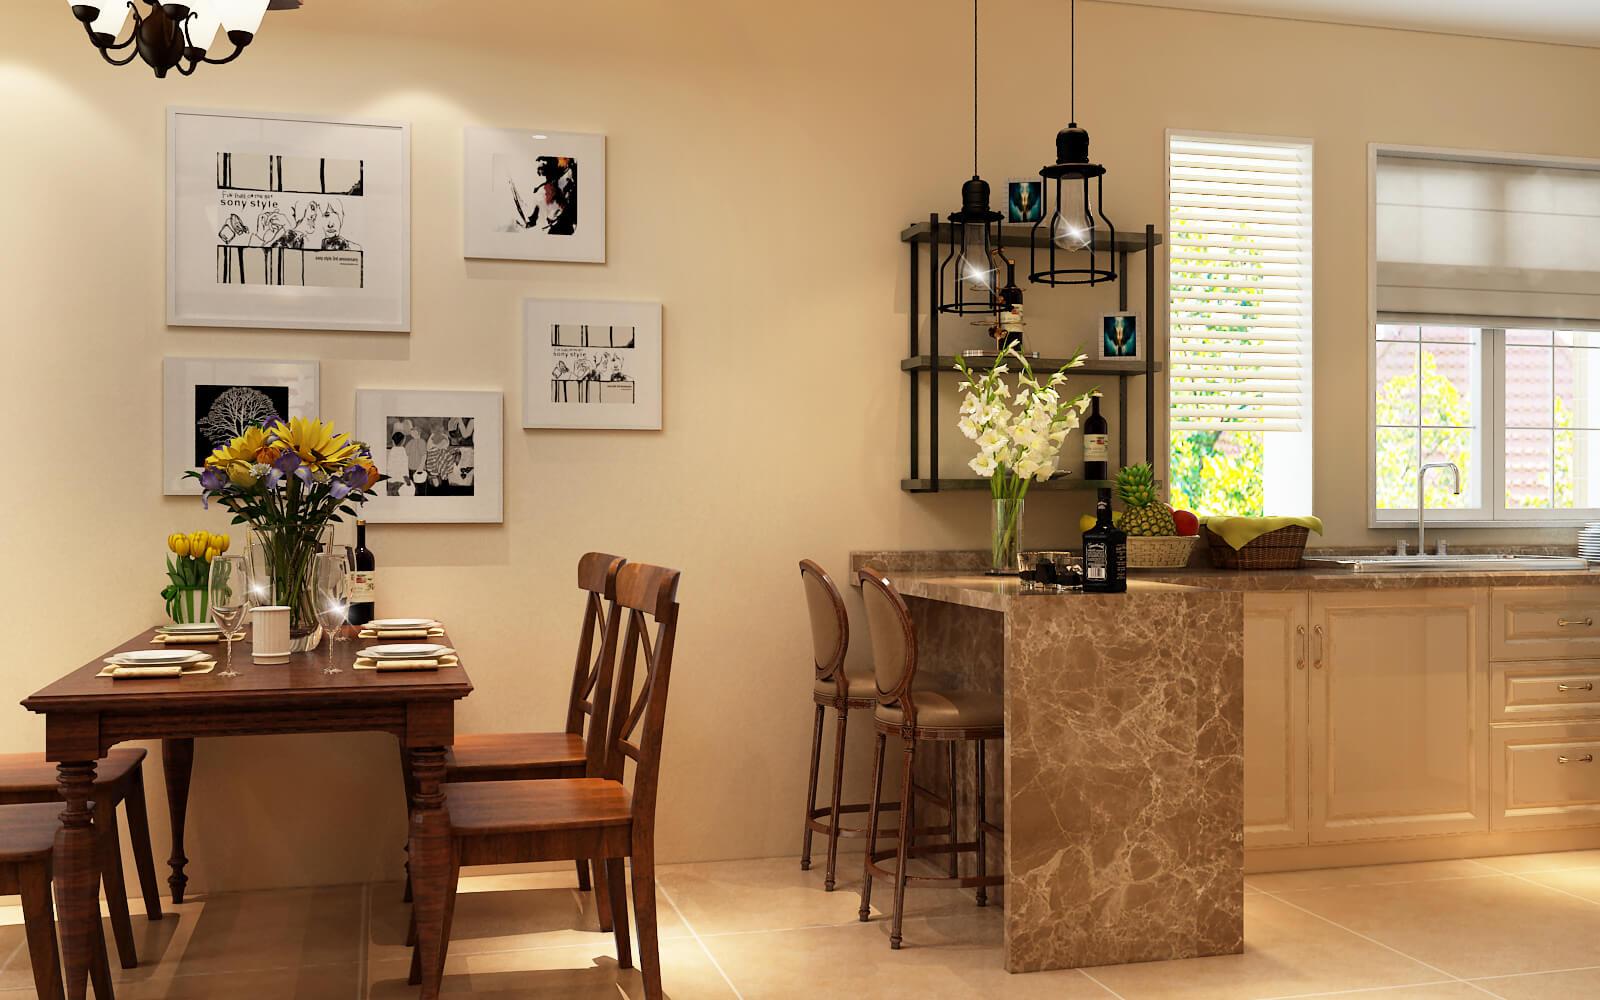 田园 客厅 厨房 餐厅 过道图片来自乐粉_20190314172533168在美式田园风格的分享